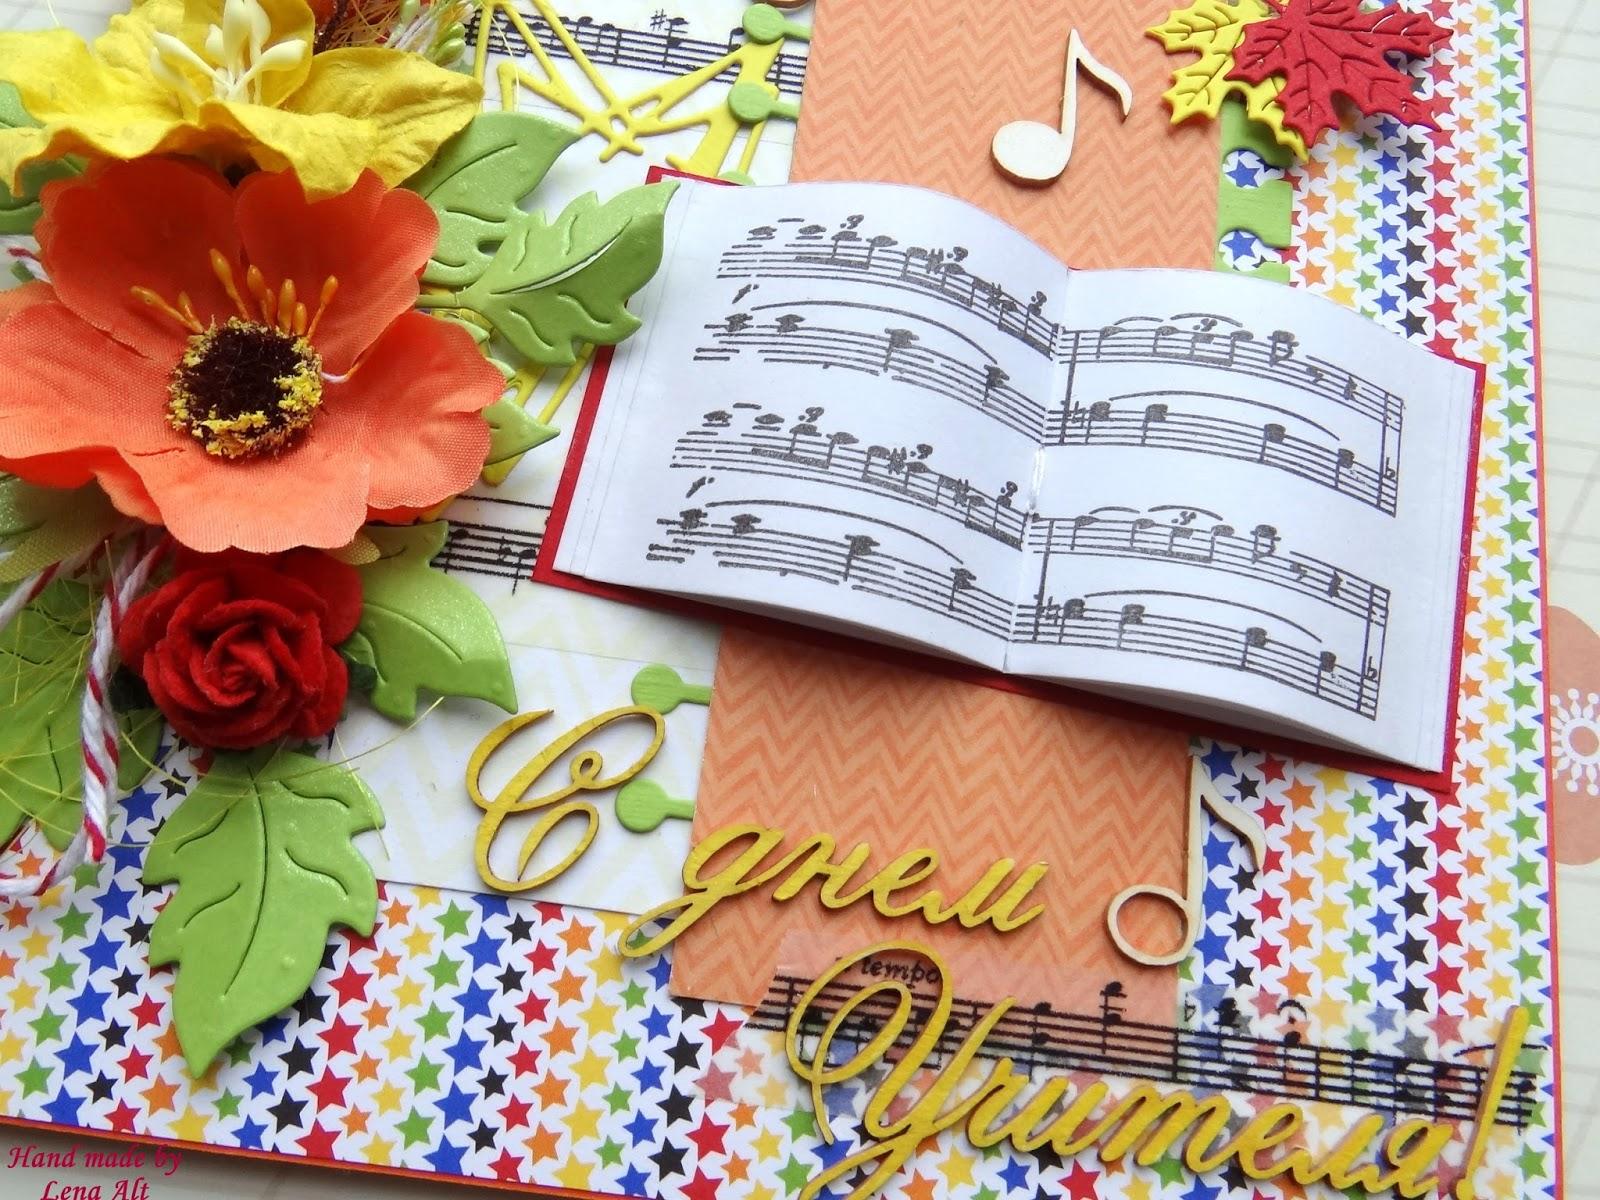 Как прикрепить к открытке музыку, открытка методом торцевания